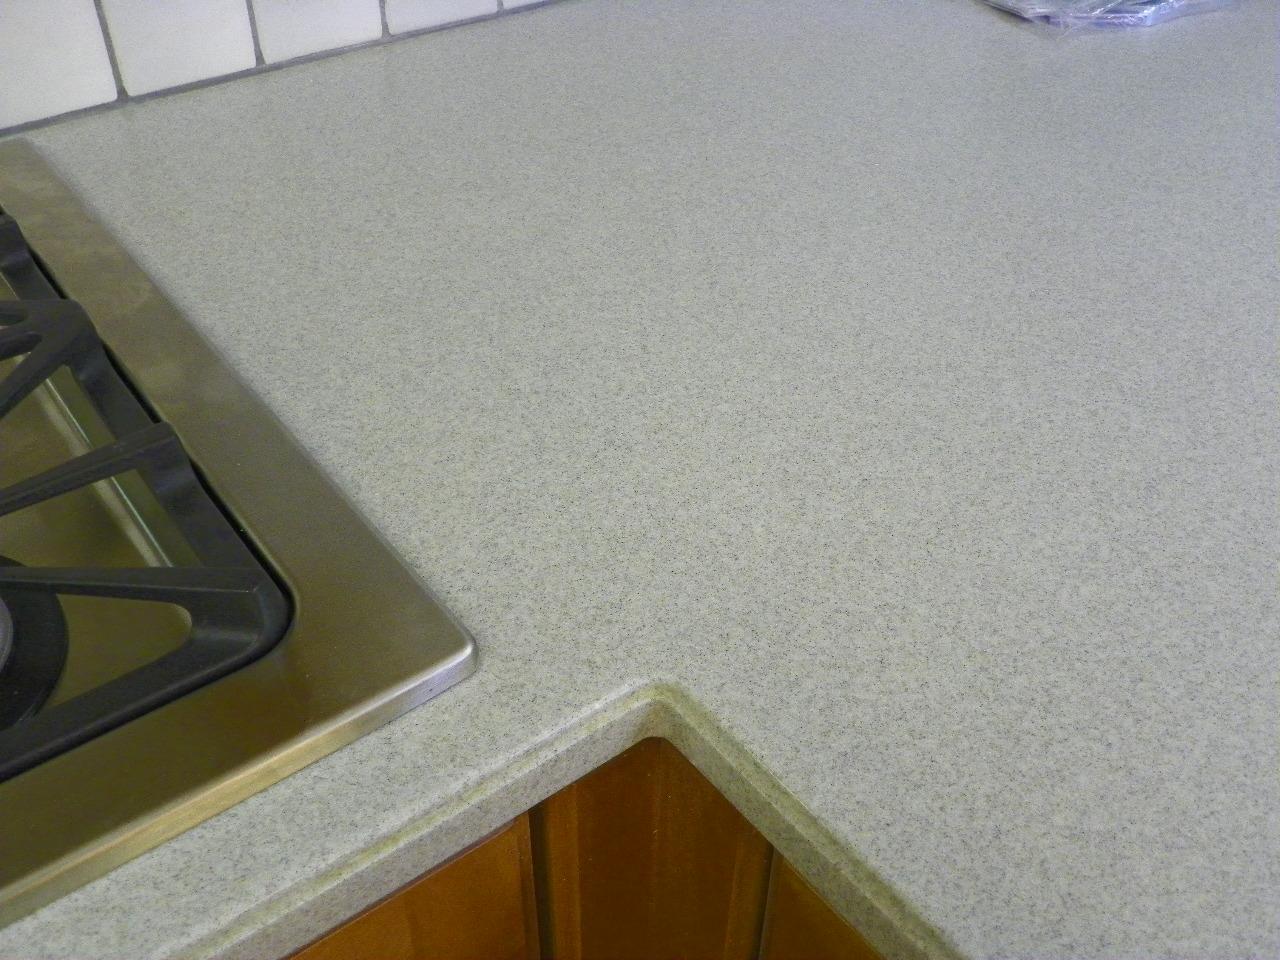 granite poltaniu fresh images chip do countertops page new how countertop repair repairs design ideas we of